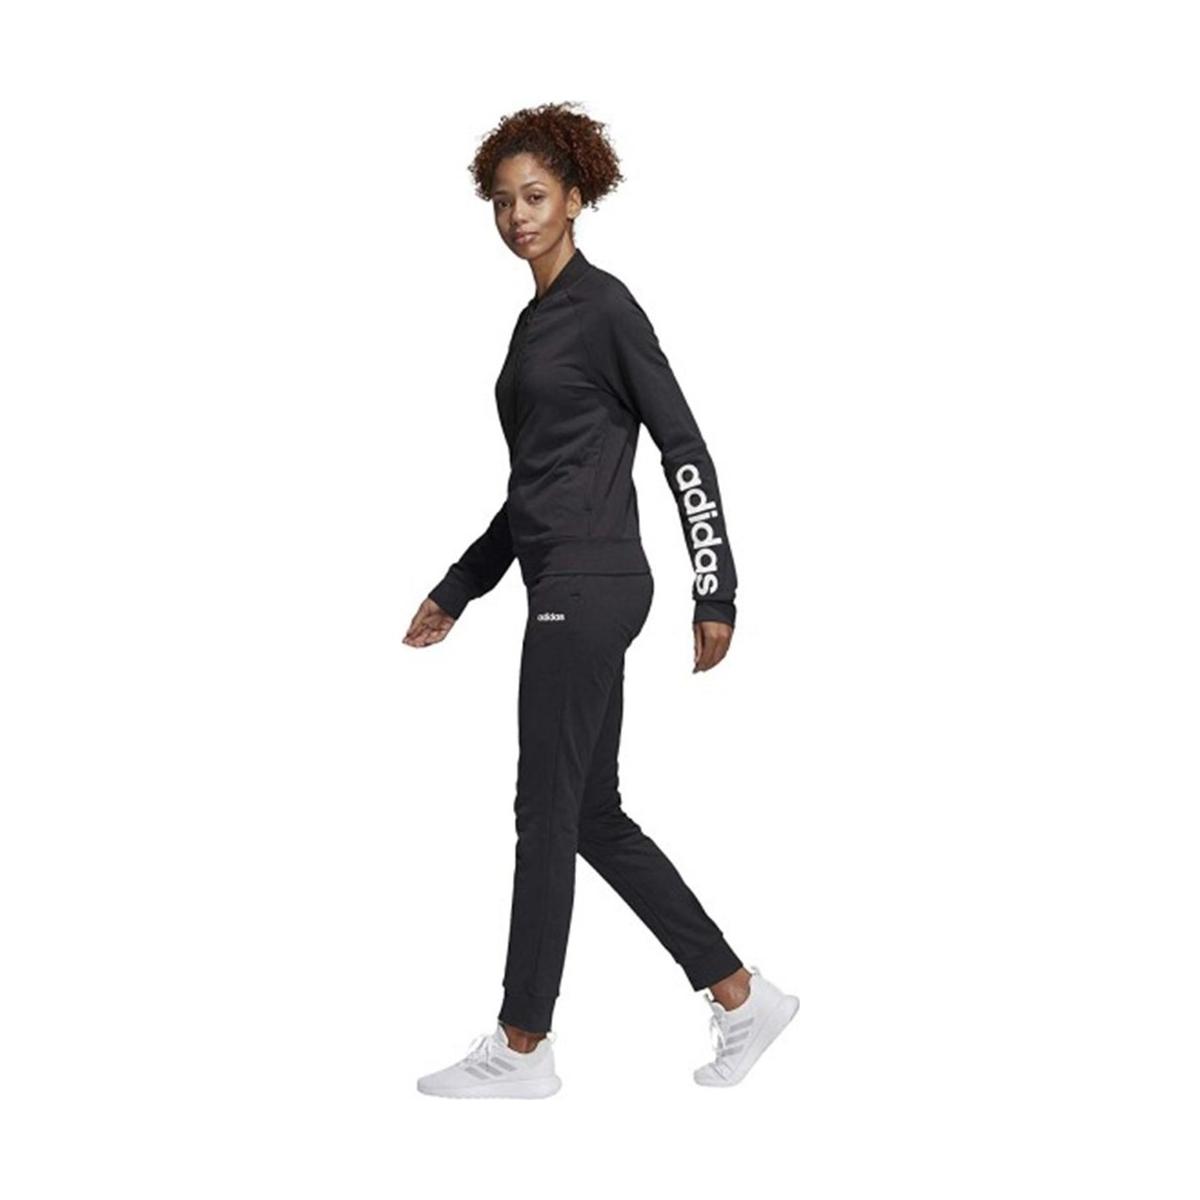 adidas Wts New Co Mark Kadın Siyah Eşofman Takımı